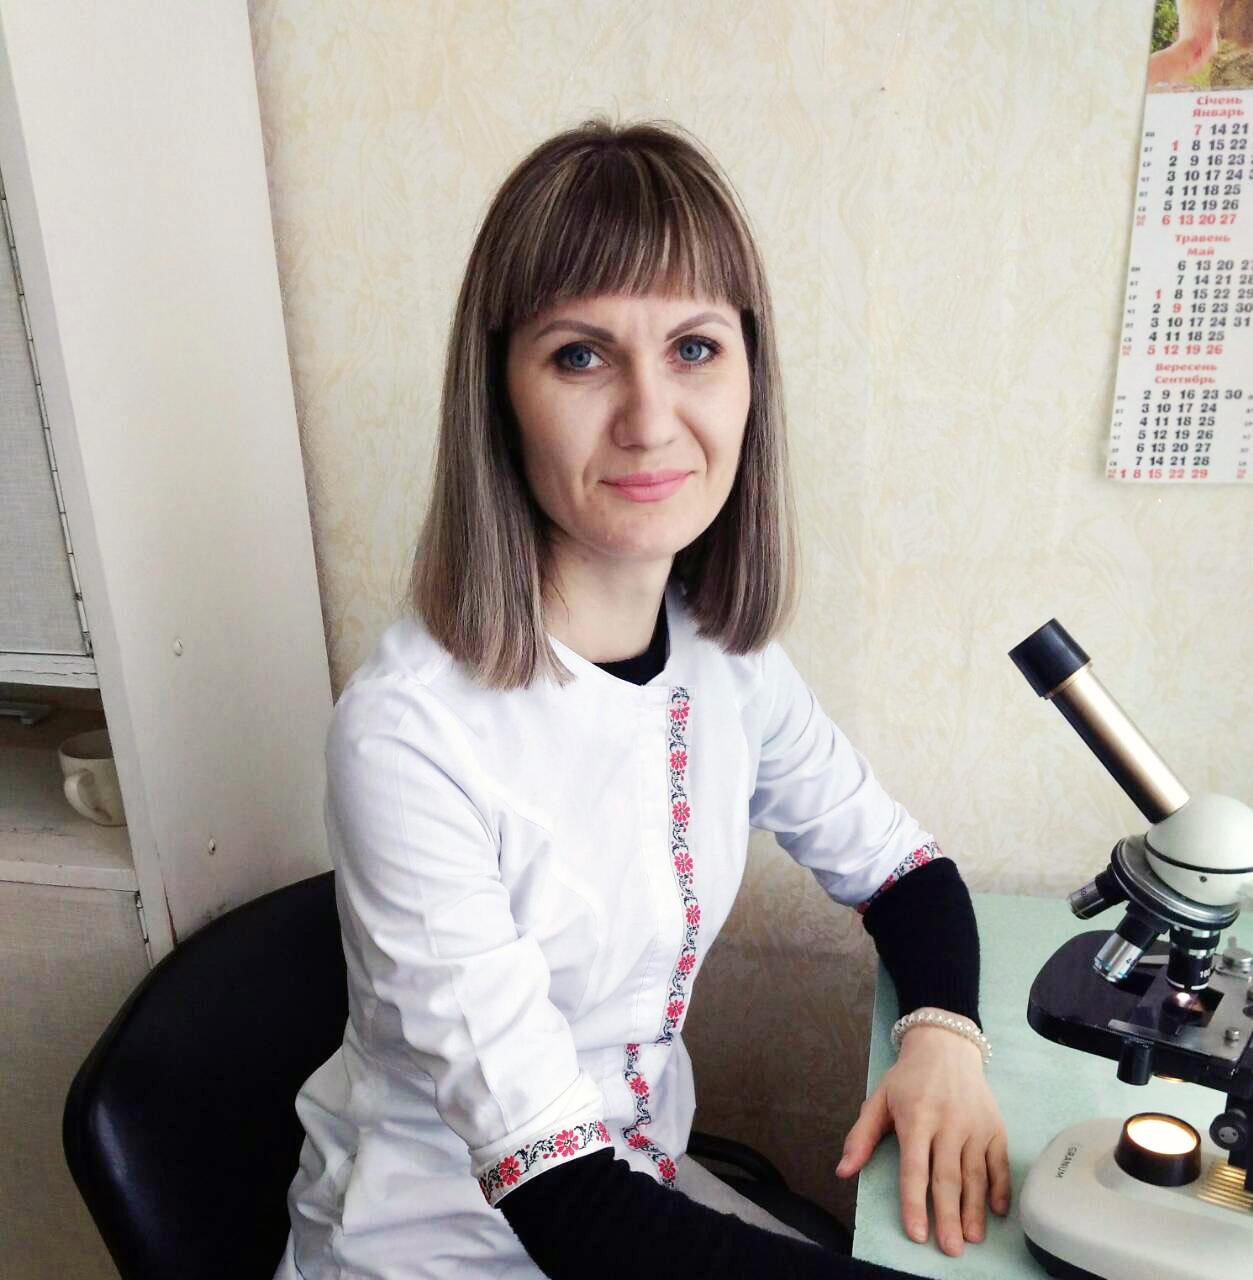 Міськова Варвара Геннадіївна, лікар-лаборант